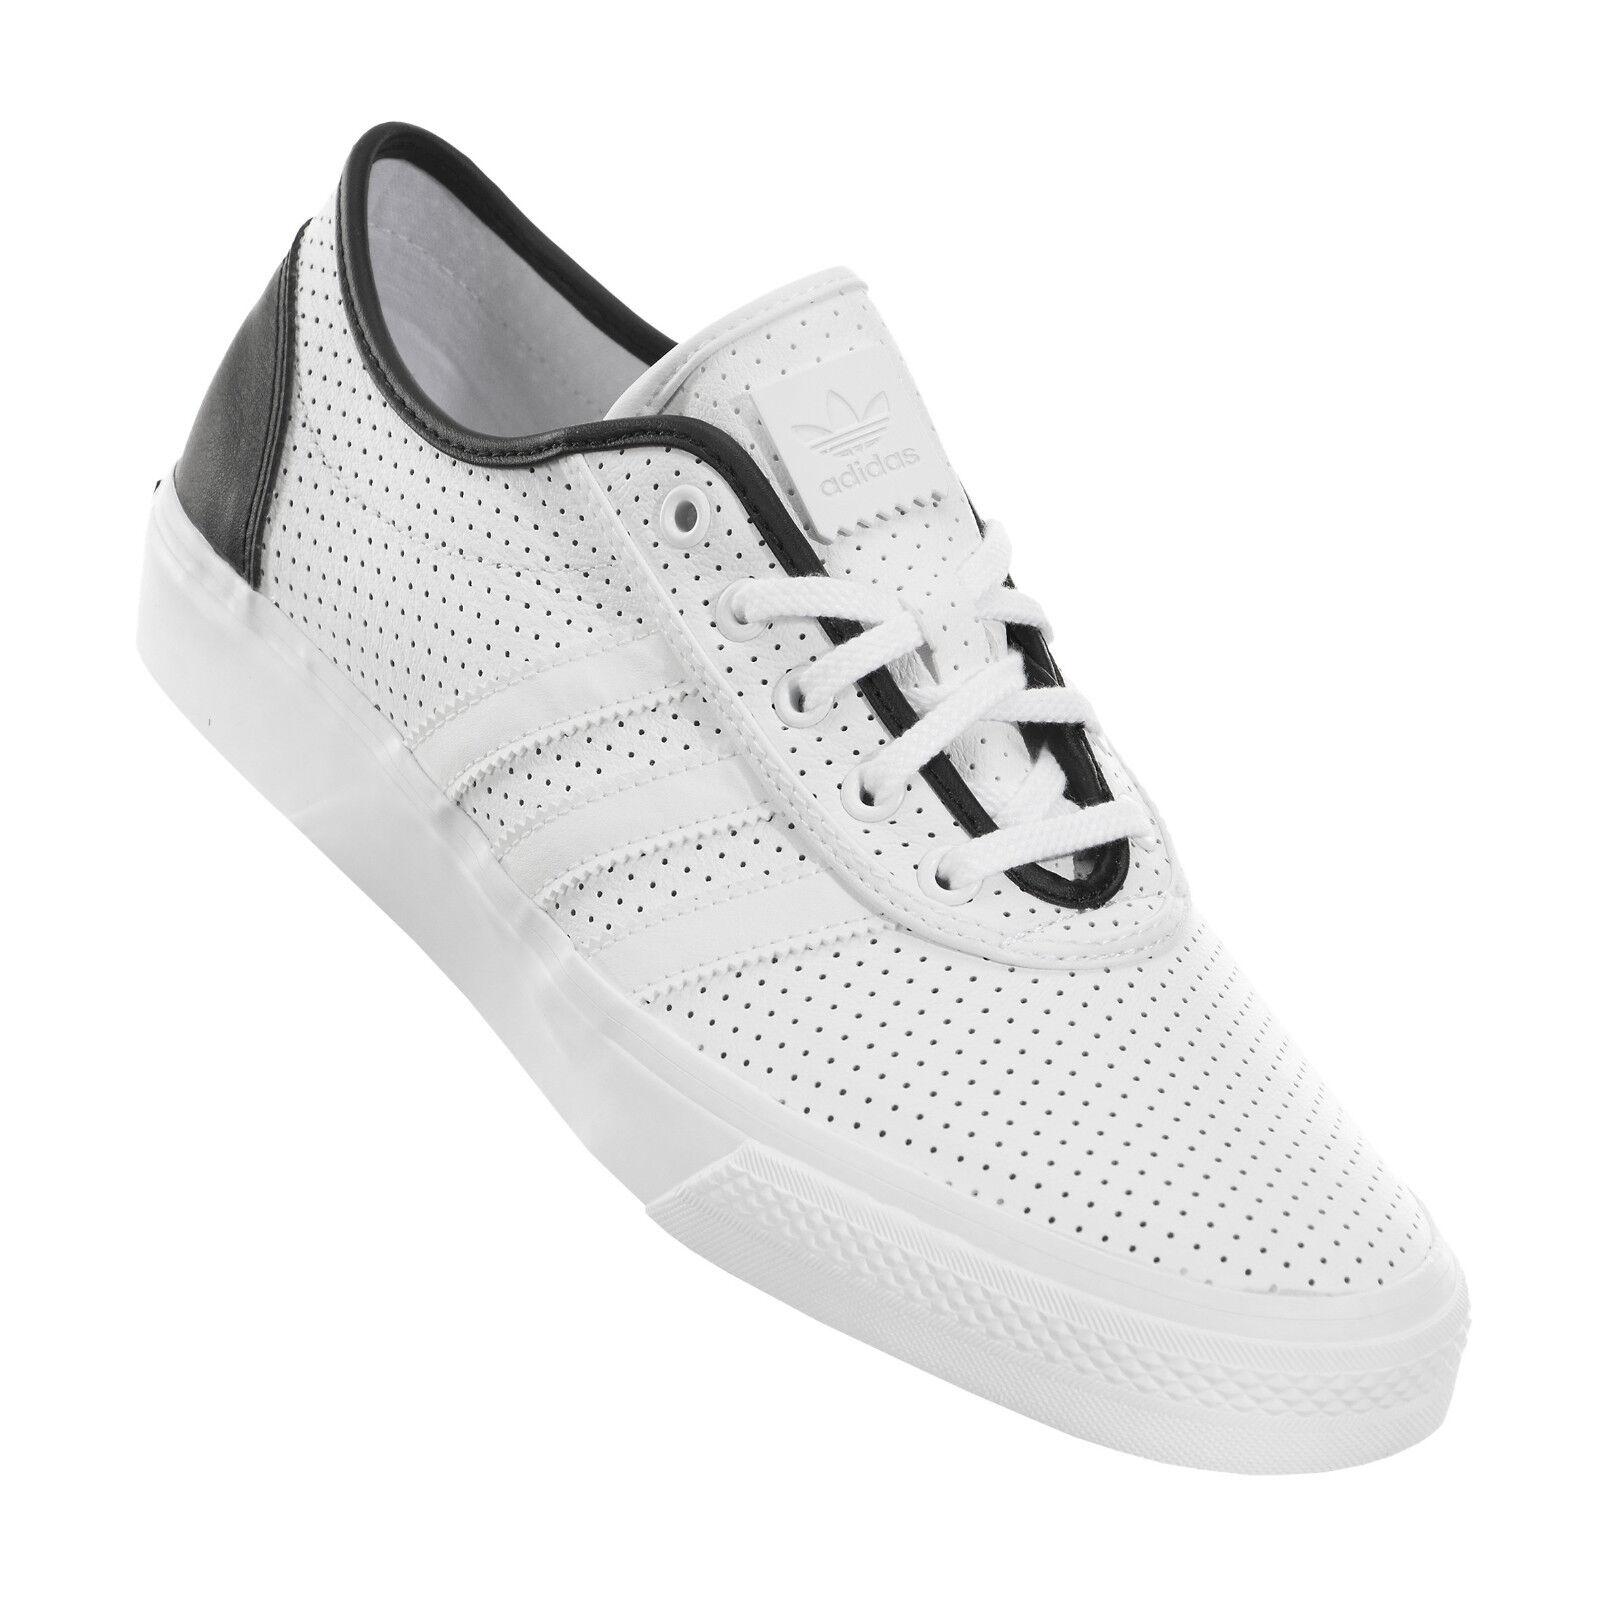 Adidas adi-easy classificati con lo skateboard nero uomini scarpe bianco / nero skateboard f37323 numero 13 d5e03f